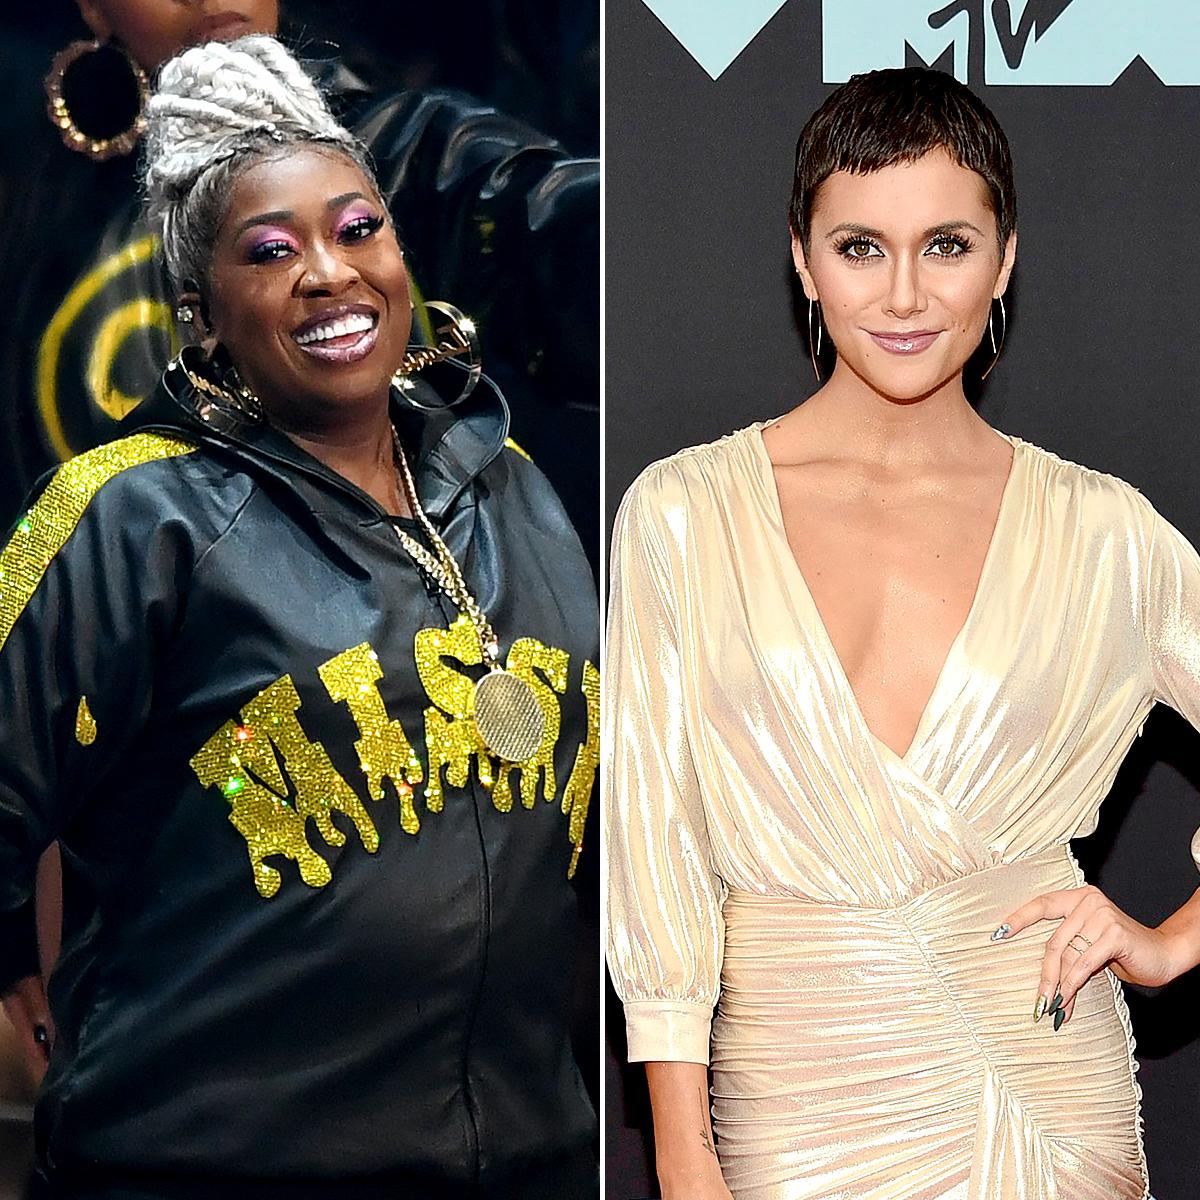 Missy-Elliott-Reunites-With-Alyson-Stoner-MTV-VMAs-2019